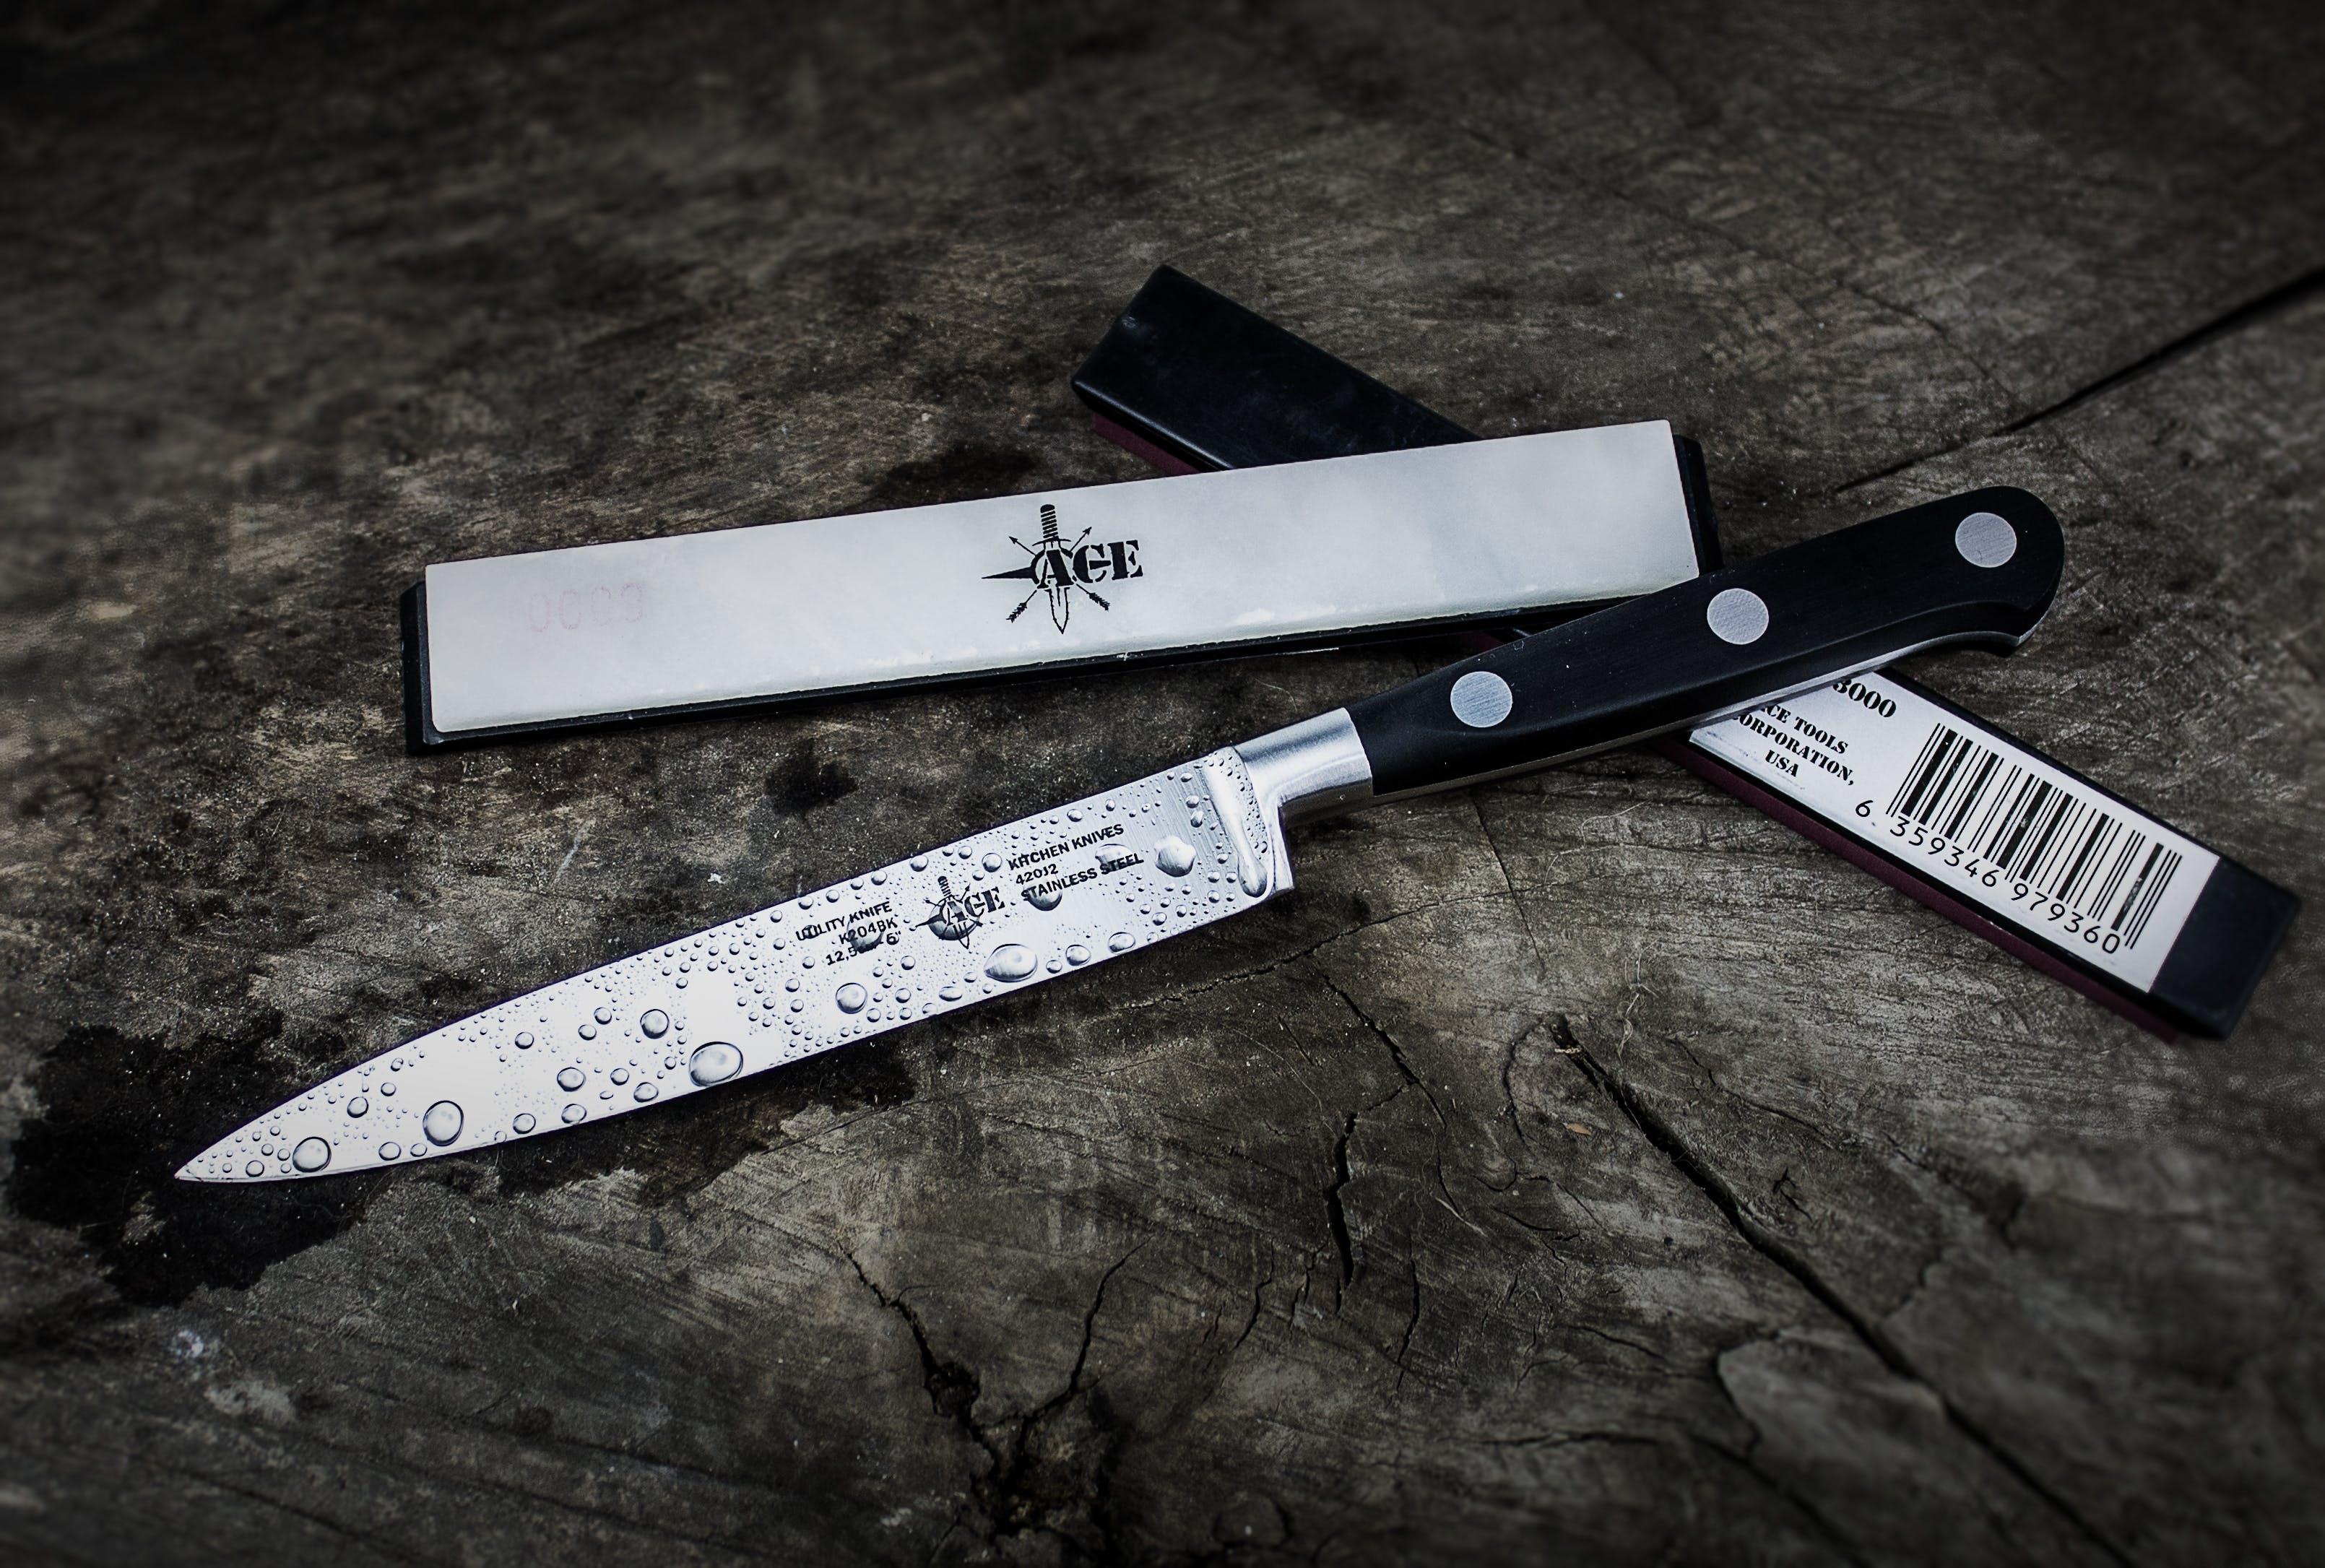 カット, シャープ, ツール, 刃の無料の写真素材